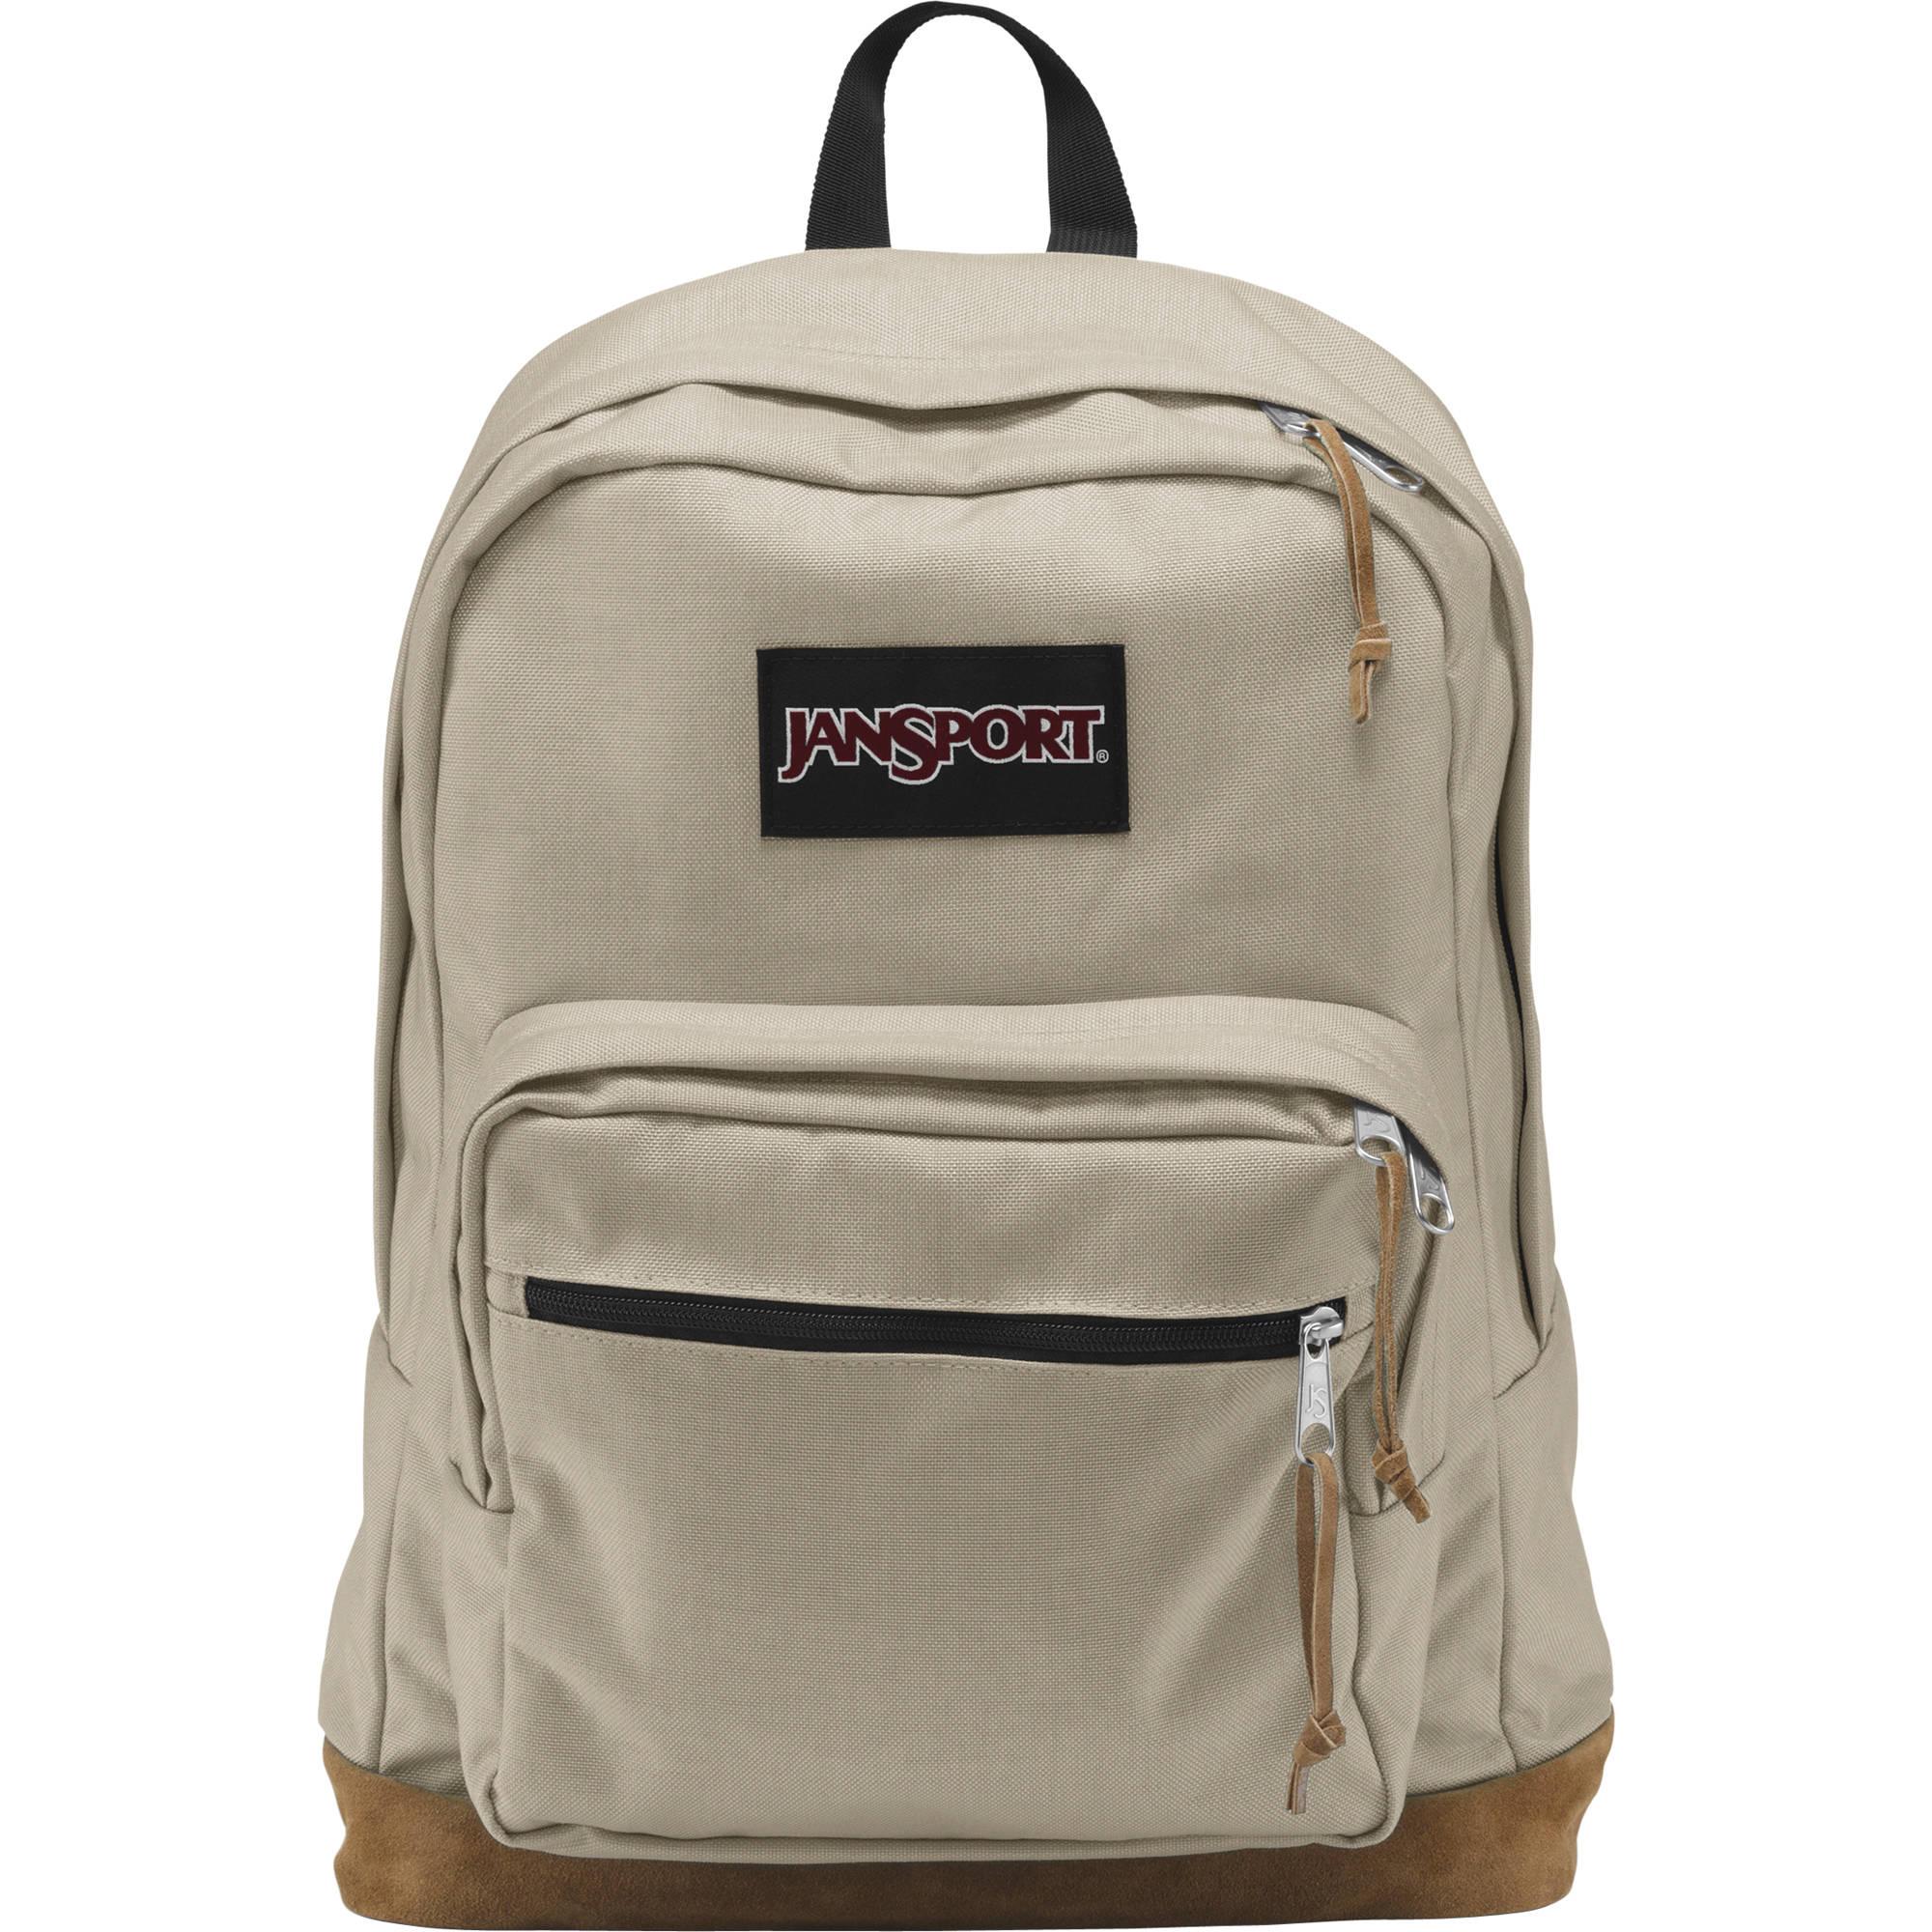 ecb886e5c4 JanSport Right Pack Backpack (Desert Beige) JS00TYP79RU B H